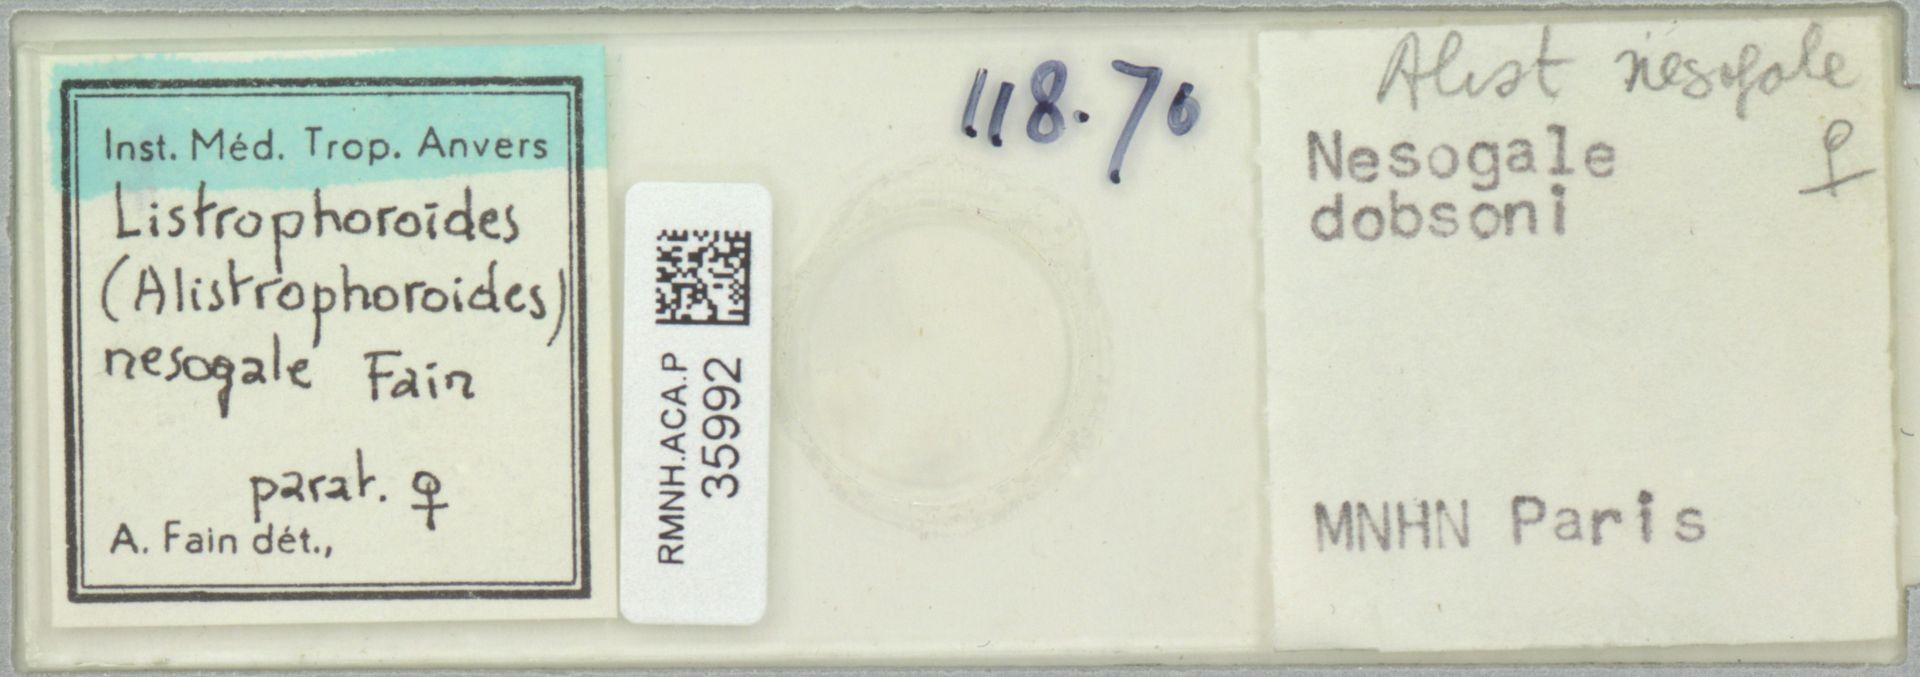 RMNH.ACA.P.35992 | Listrophoroides (Alistrophoroides) nesogale Fain